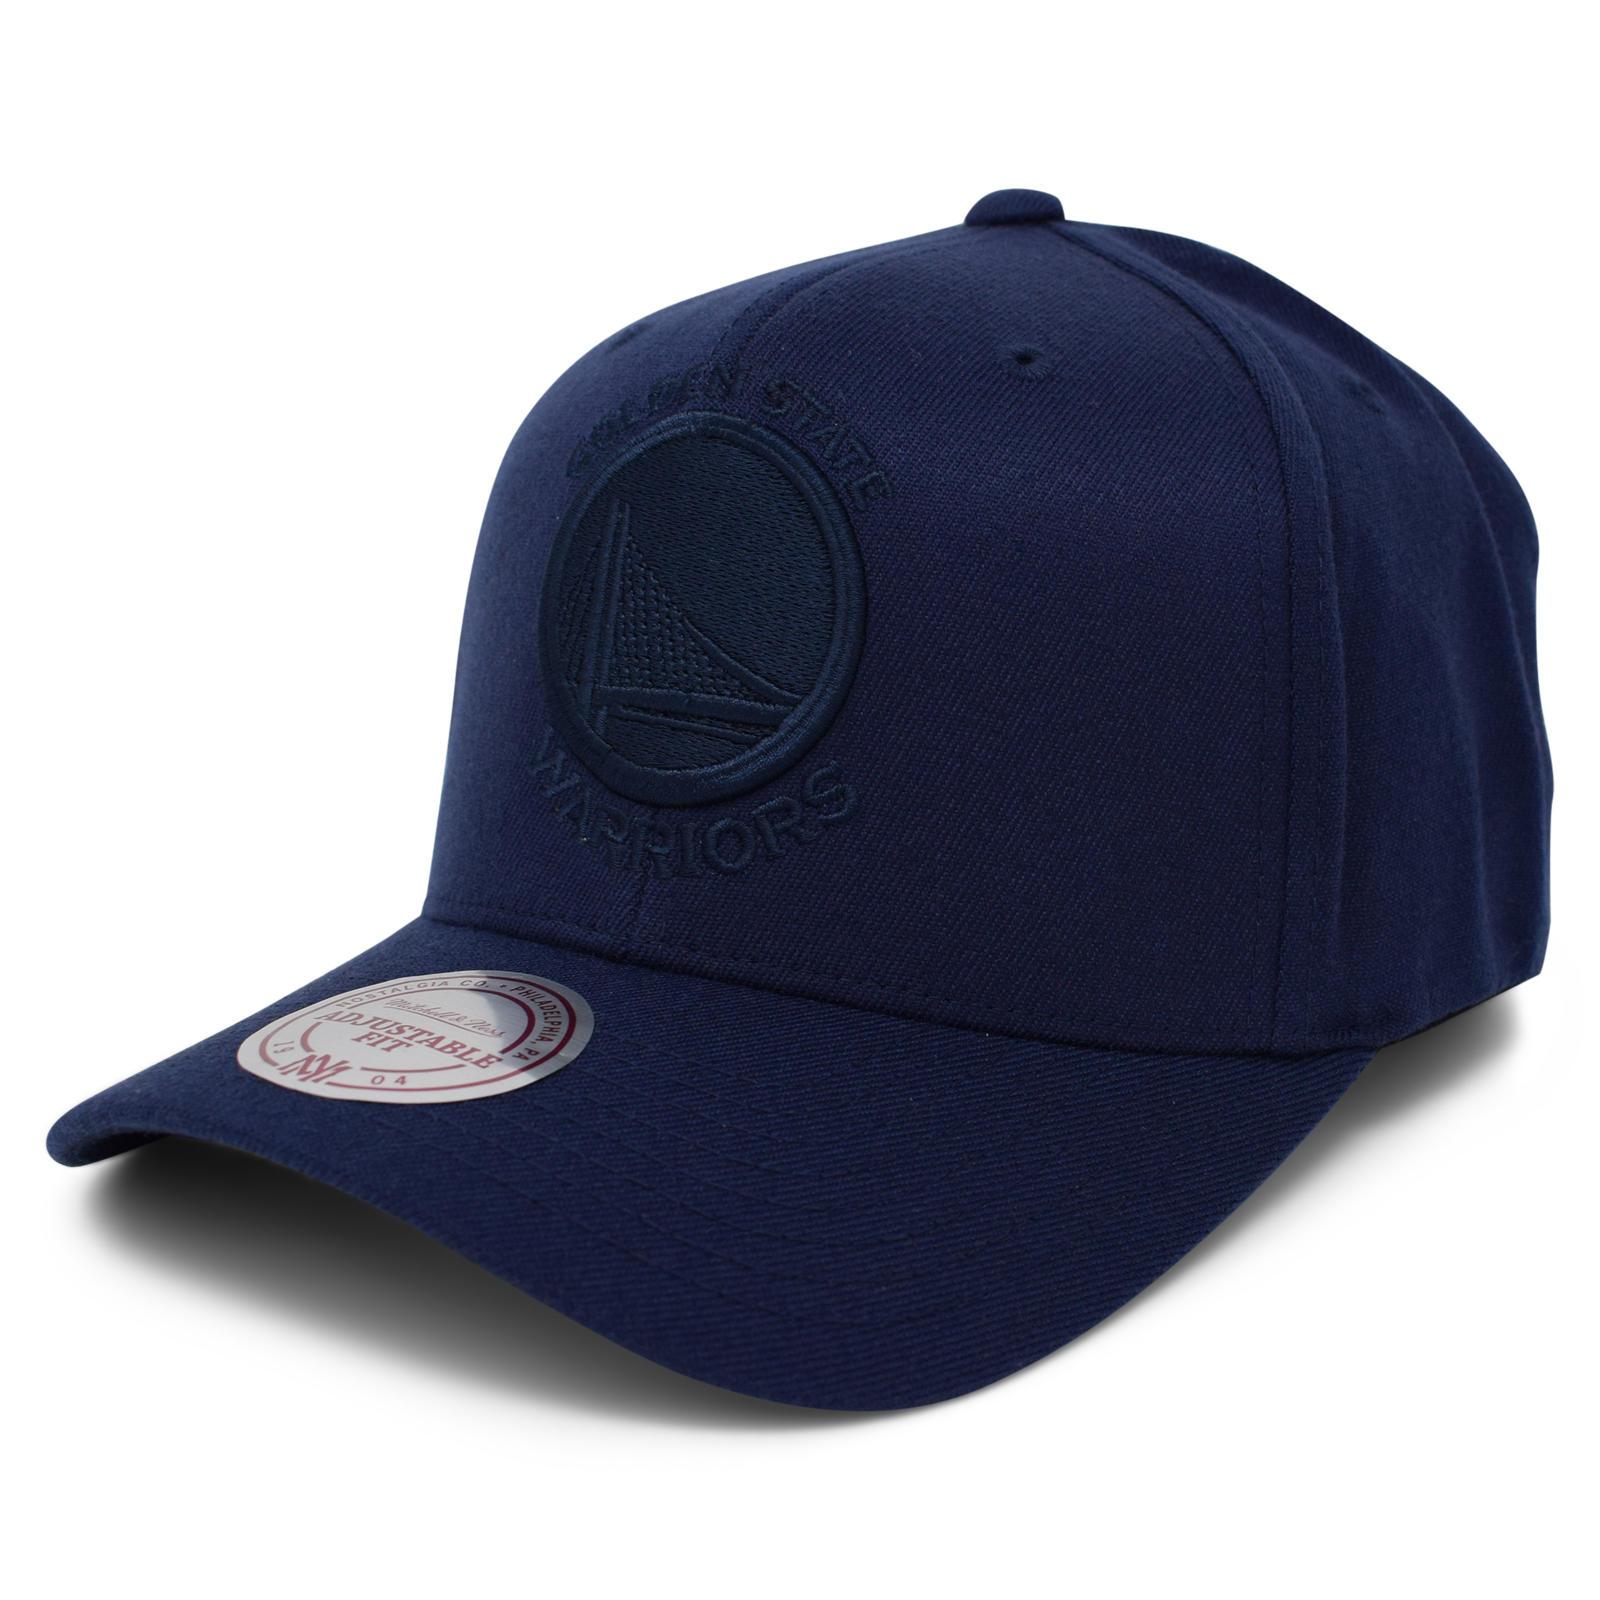 Viagra Cap Hat Shirt